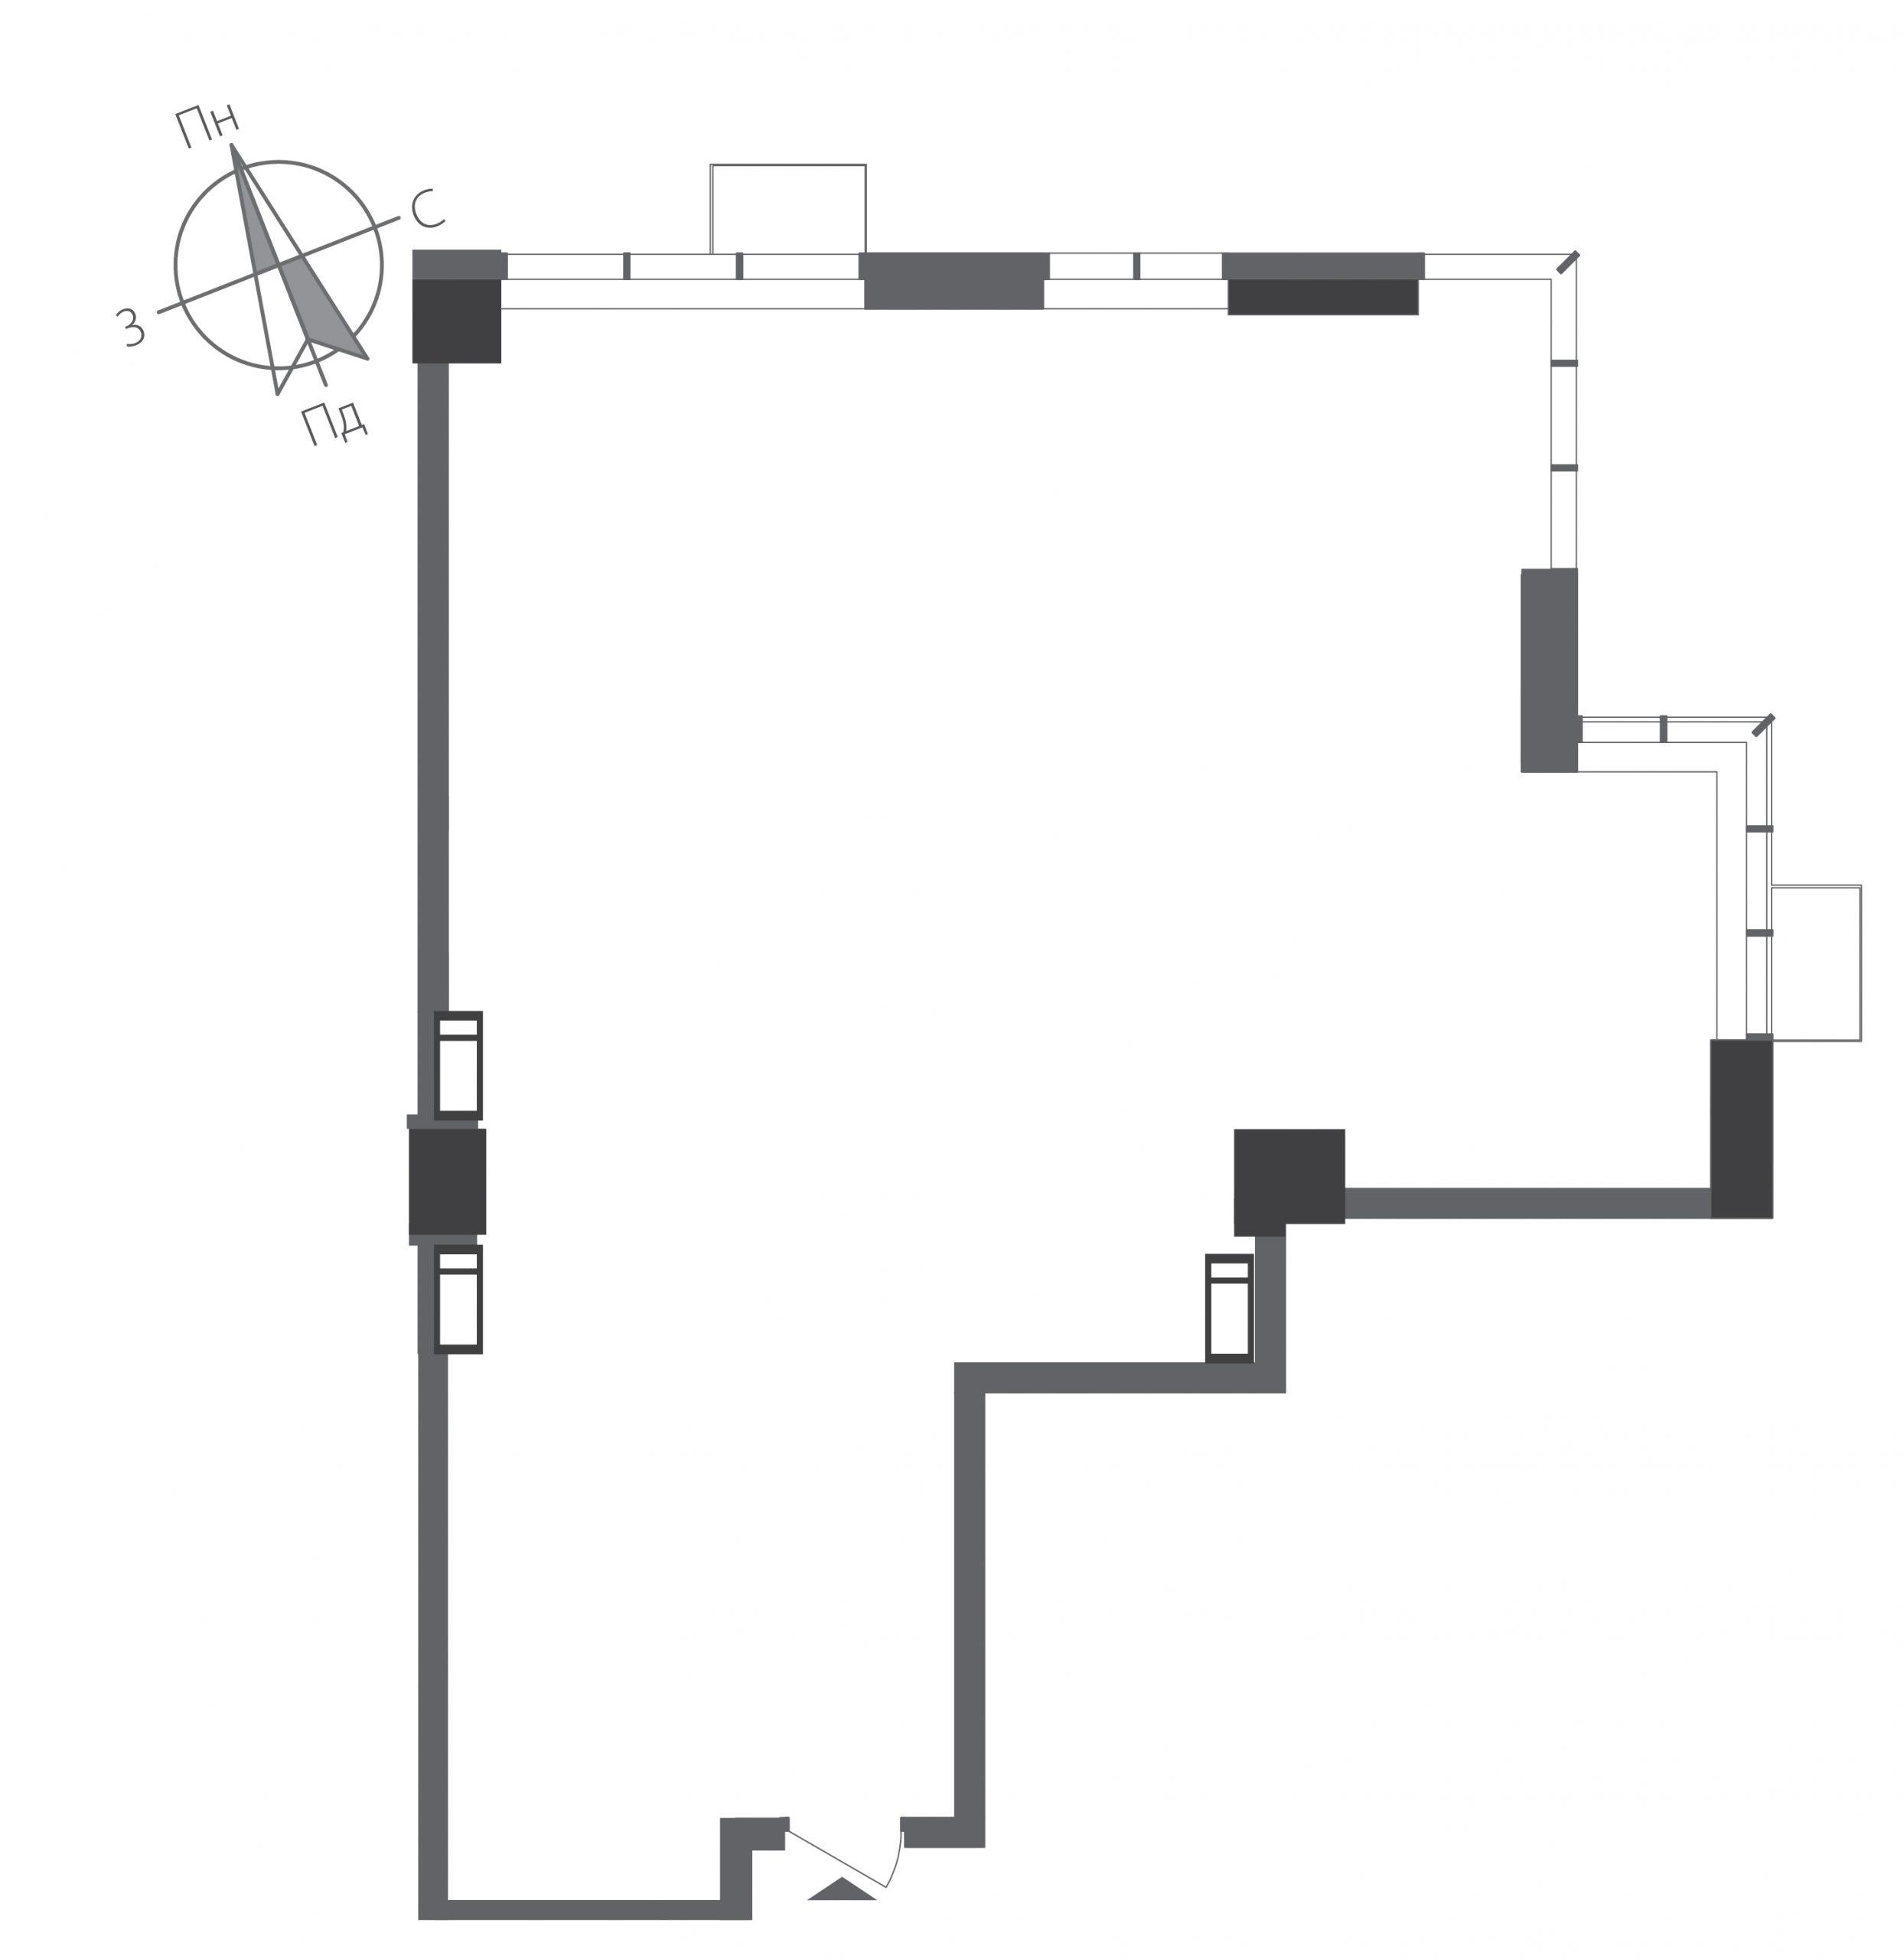 Номер квартиры №0908, Дом 9, Этаж 9, Полная площадь 96,04